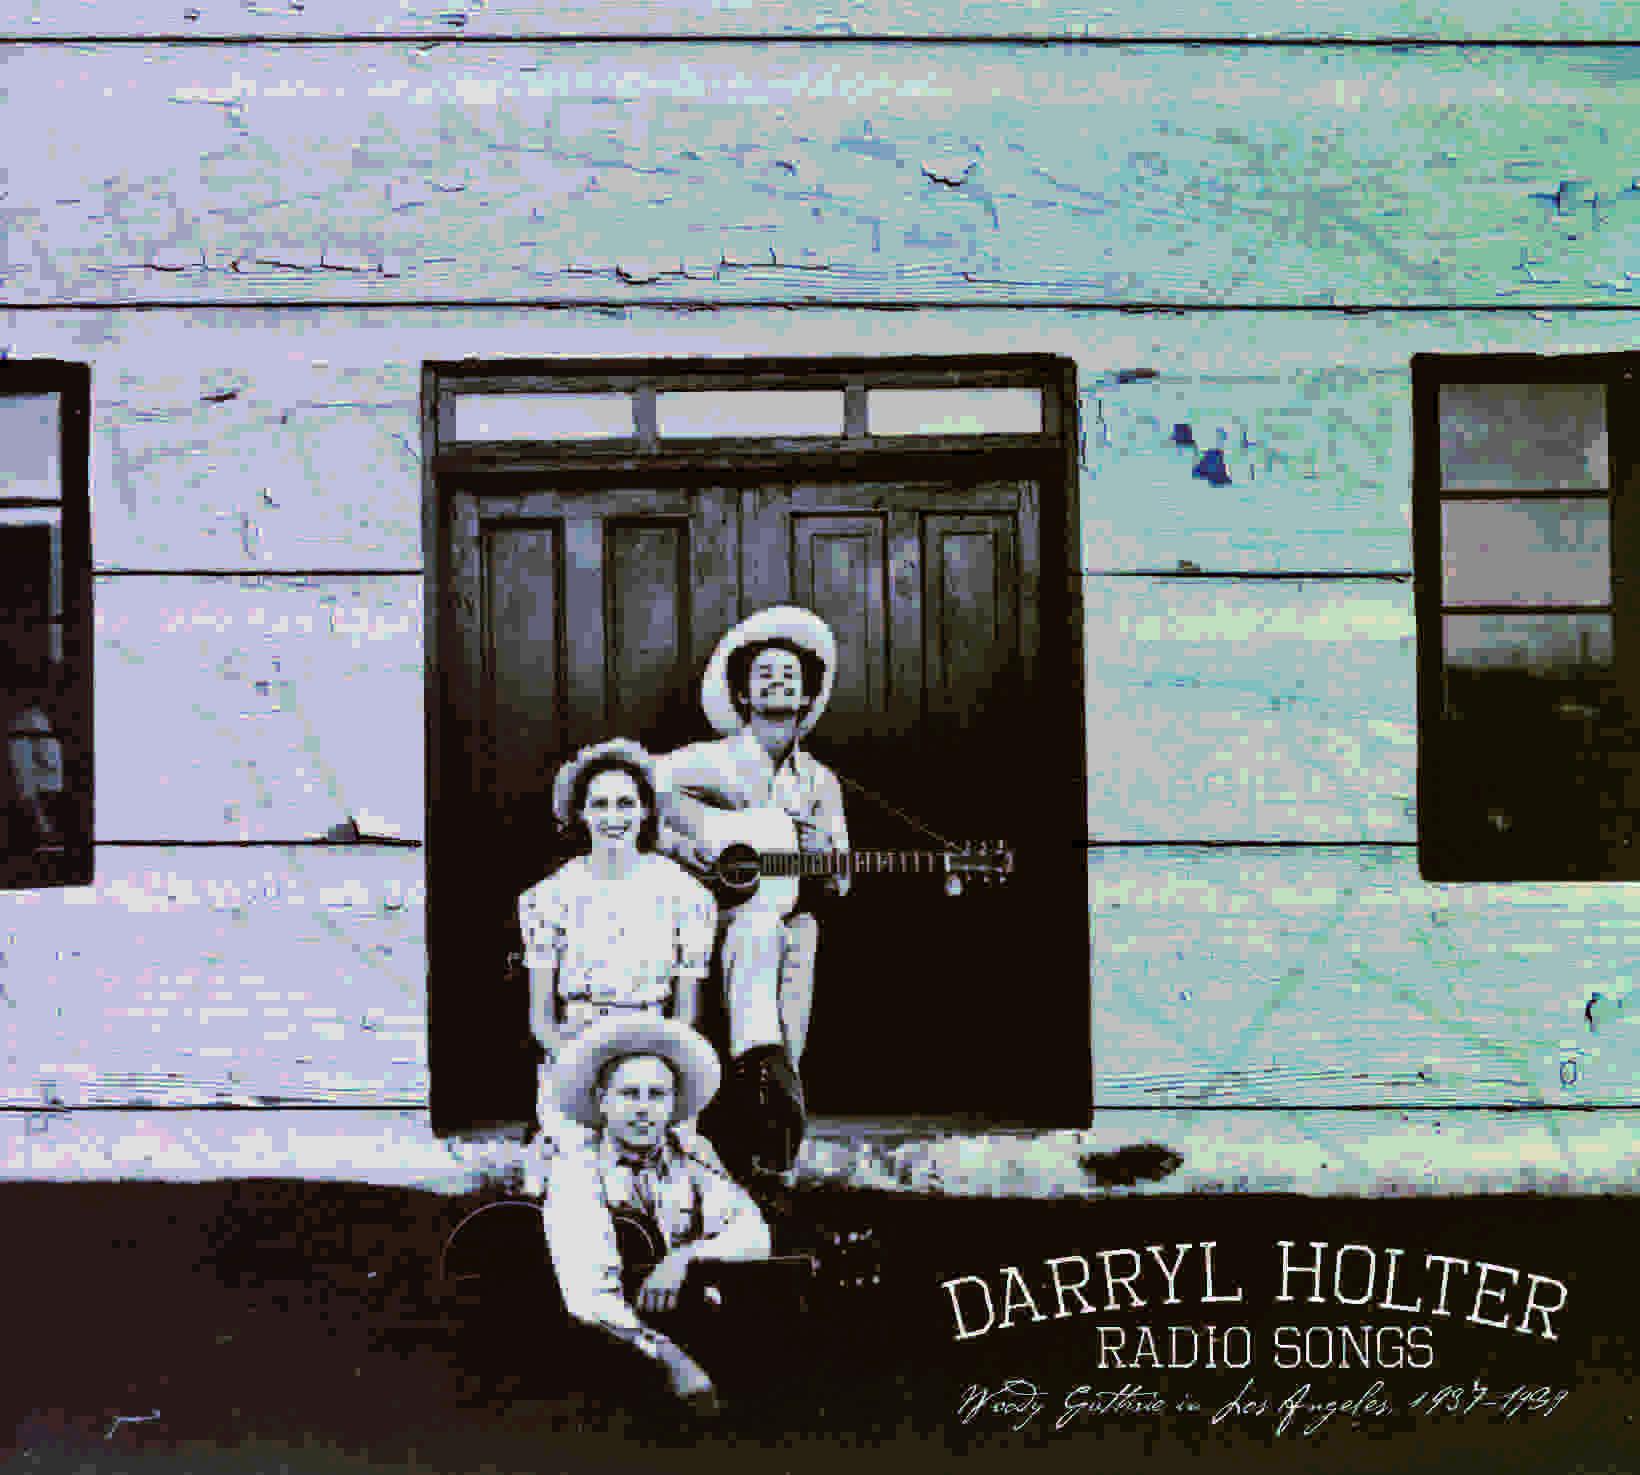 Darryl Holter album art